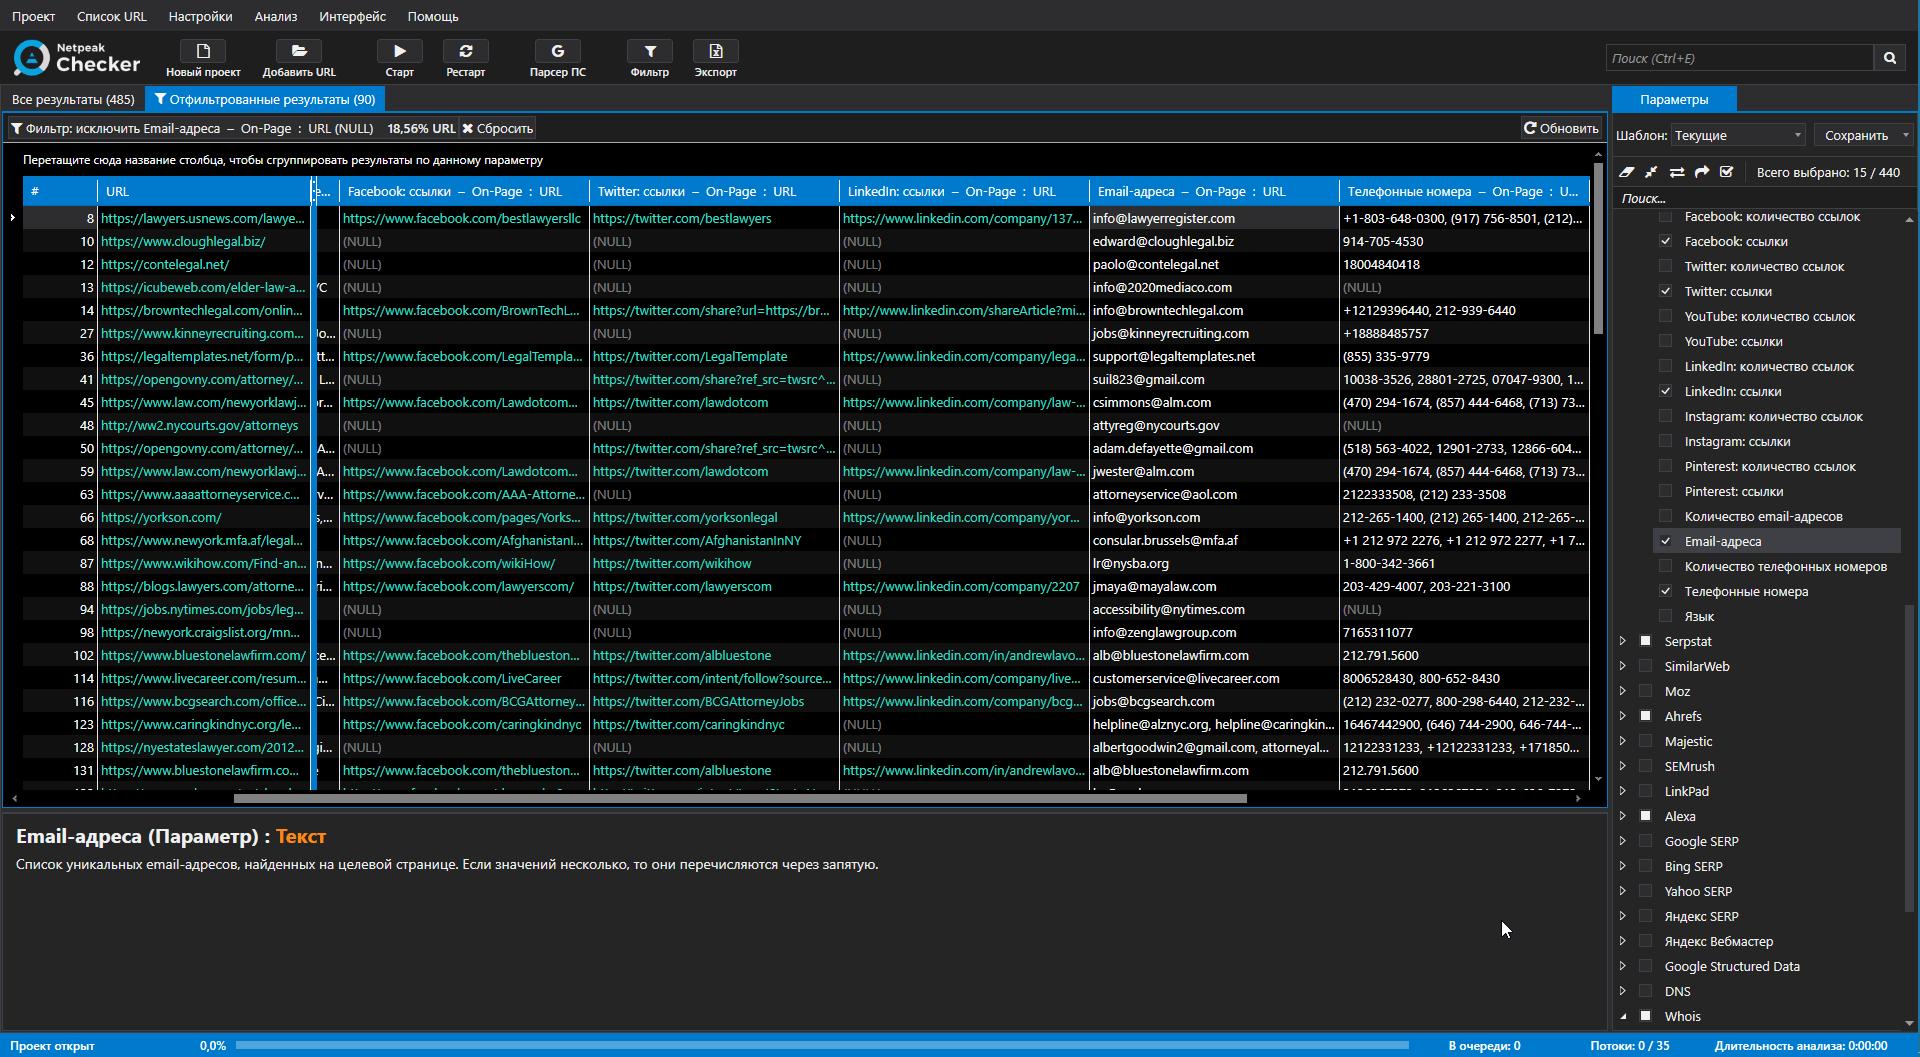 Парсинг контактных данных в Netpeak Checker